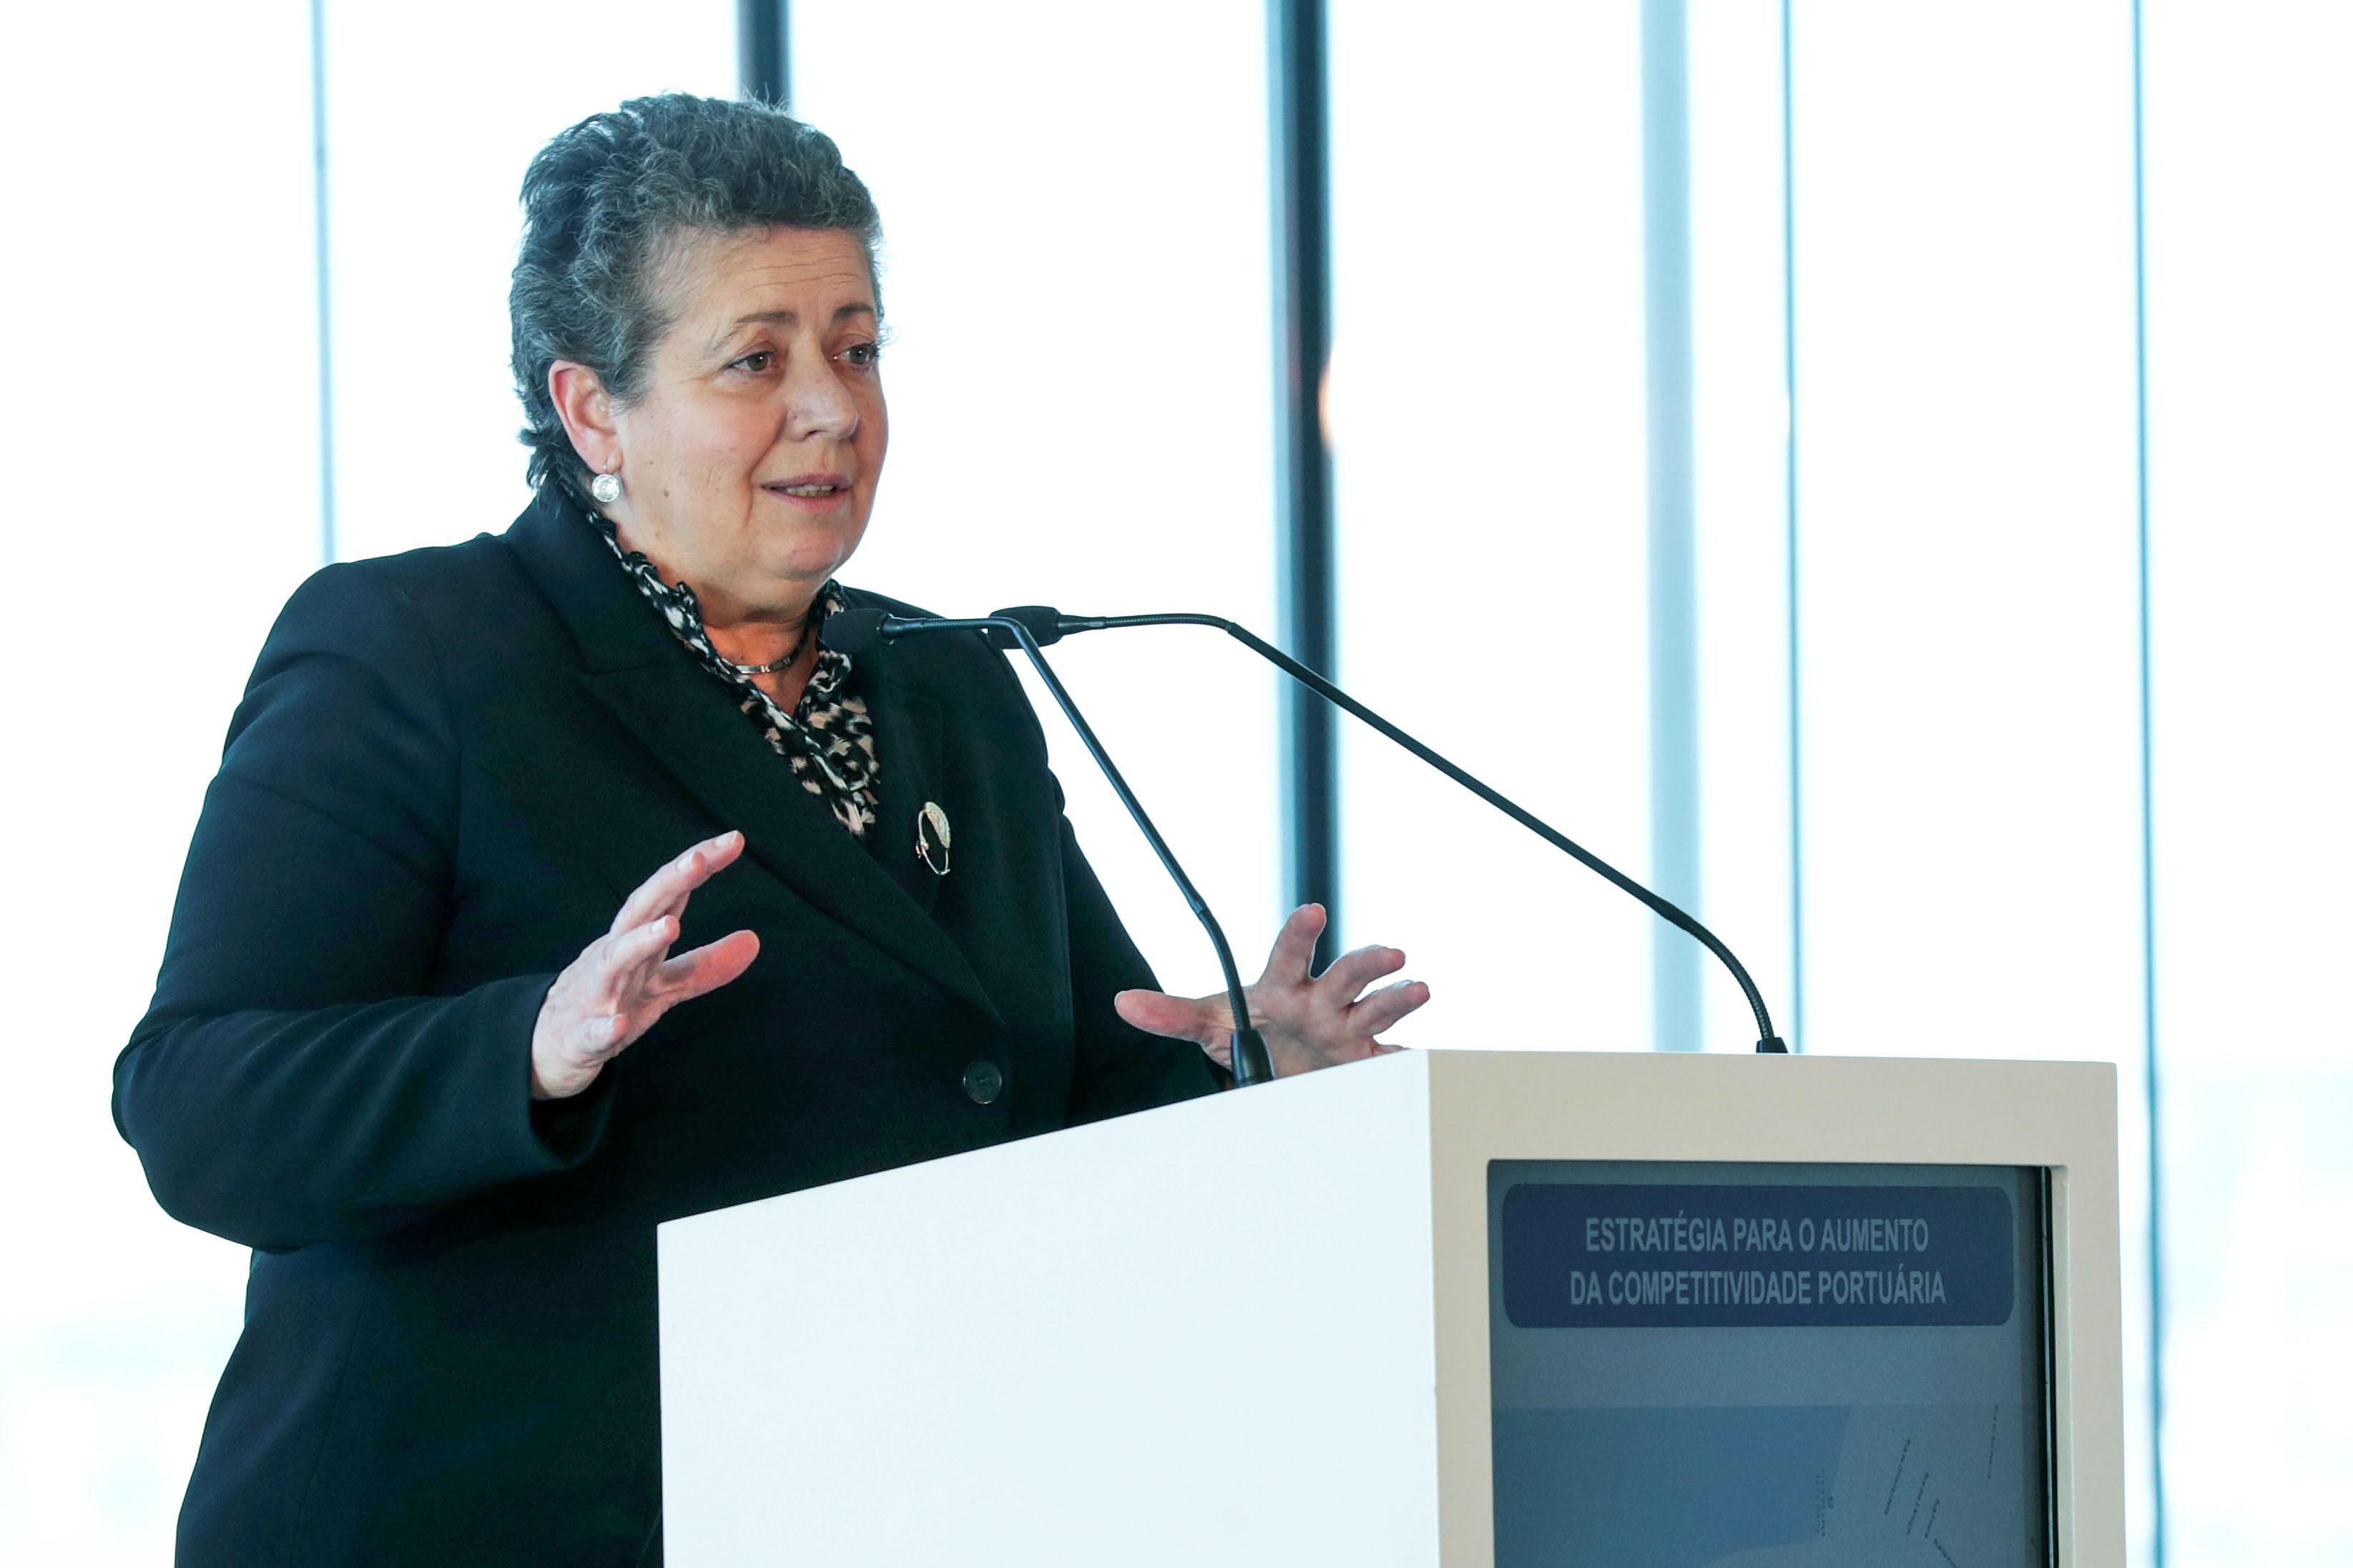 Ministra diz desconhecer qualquer irregularidade nos Estaleiros de Viana